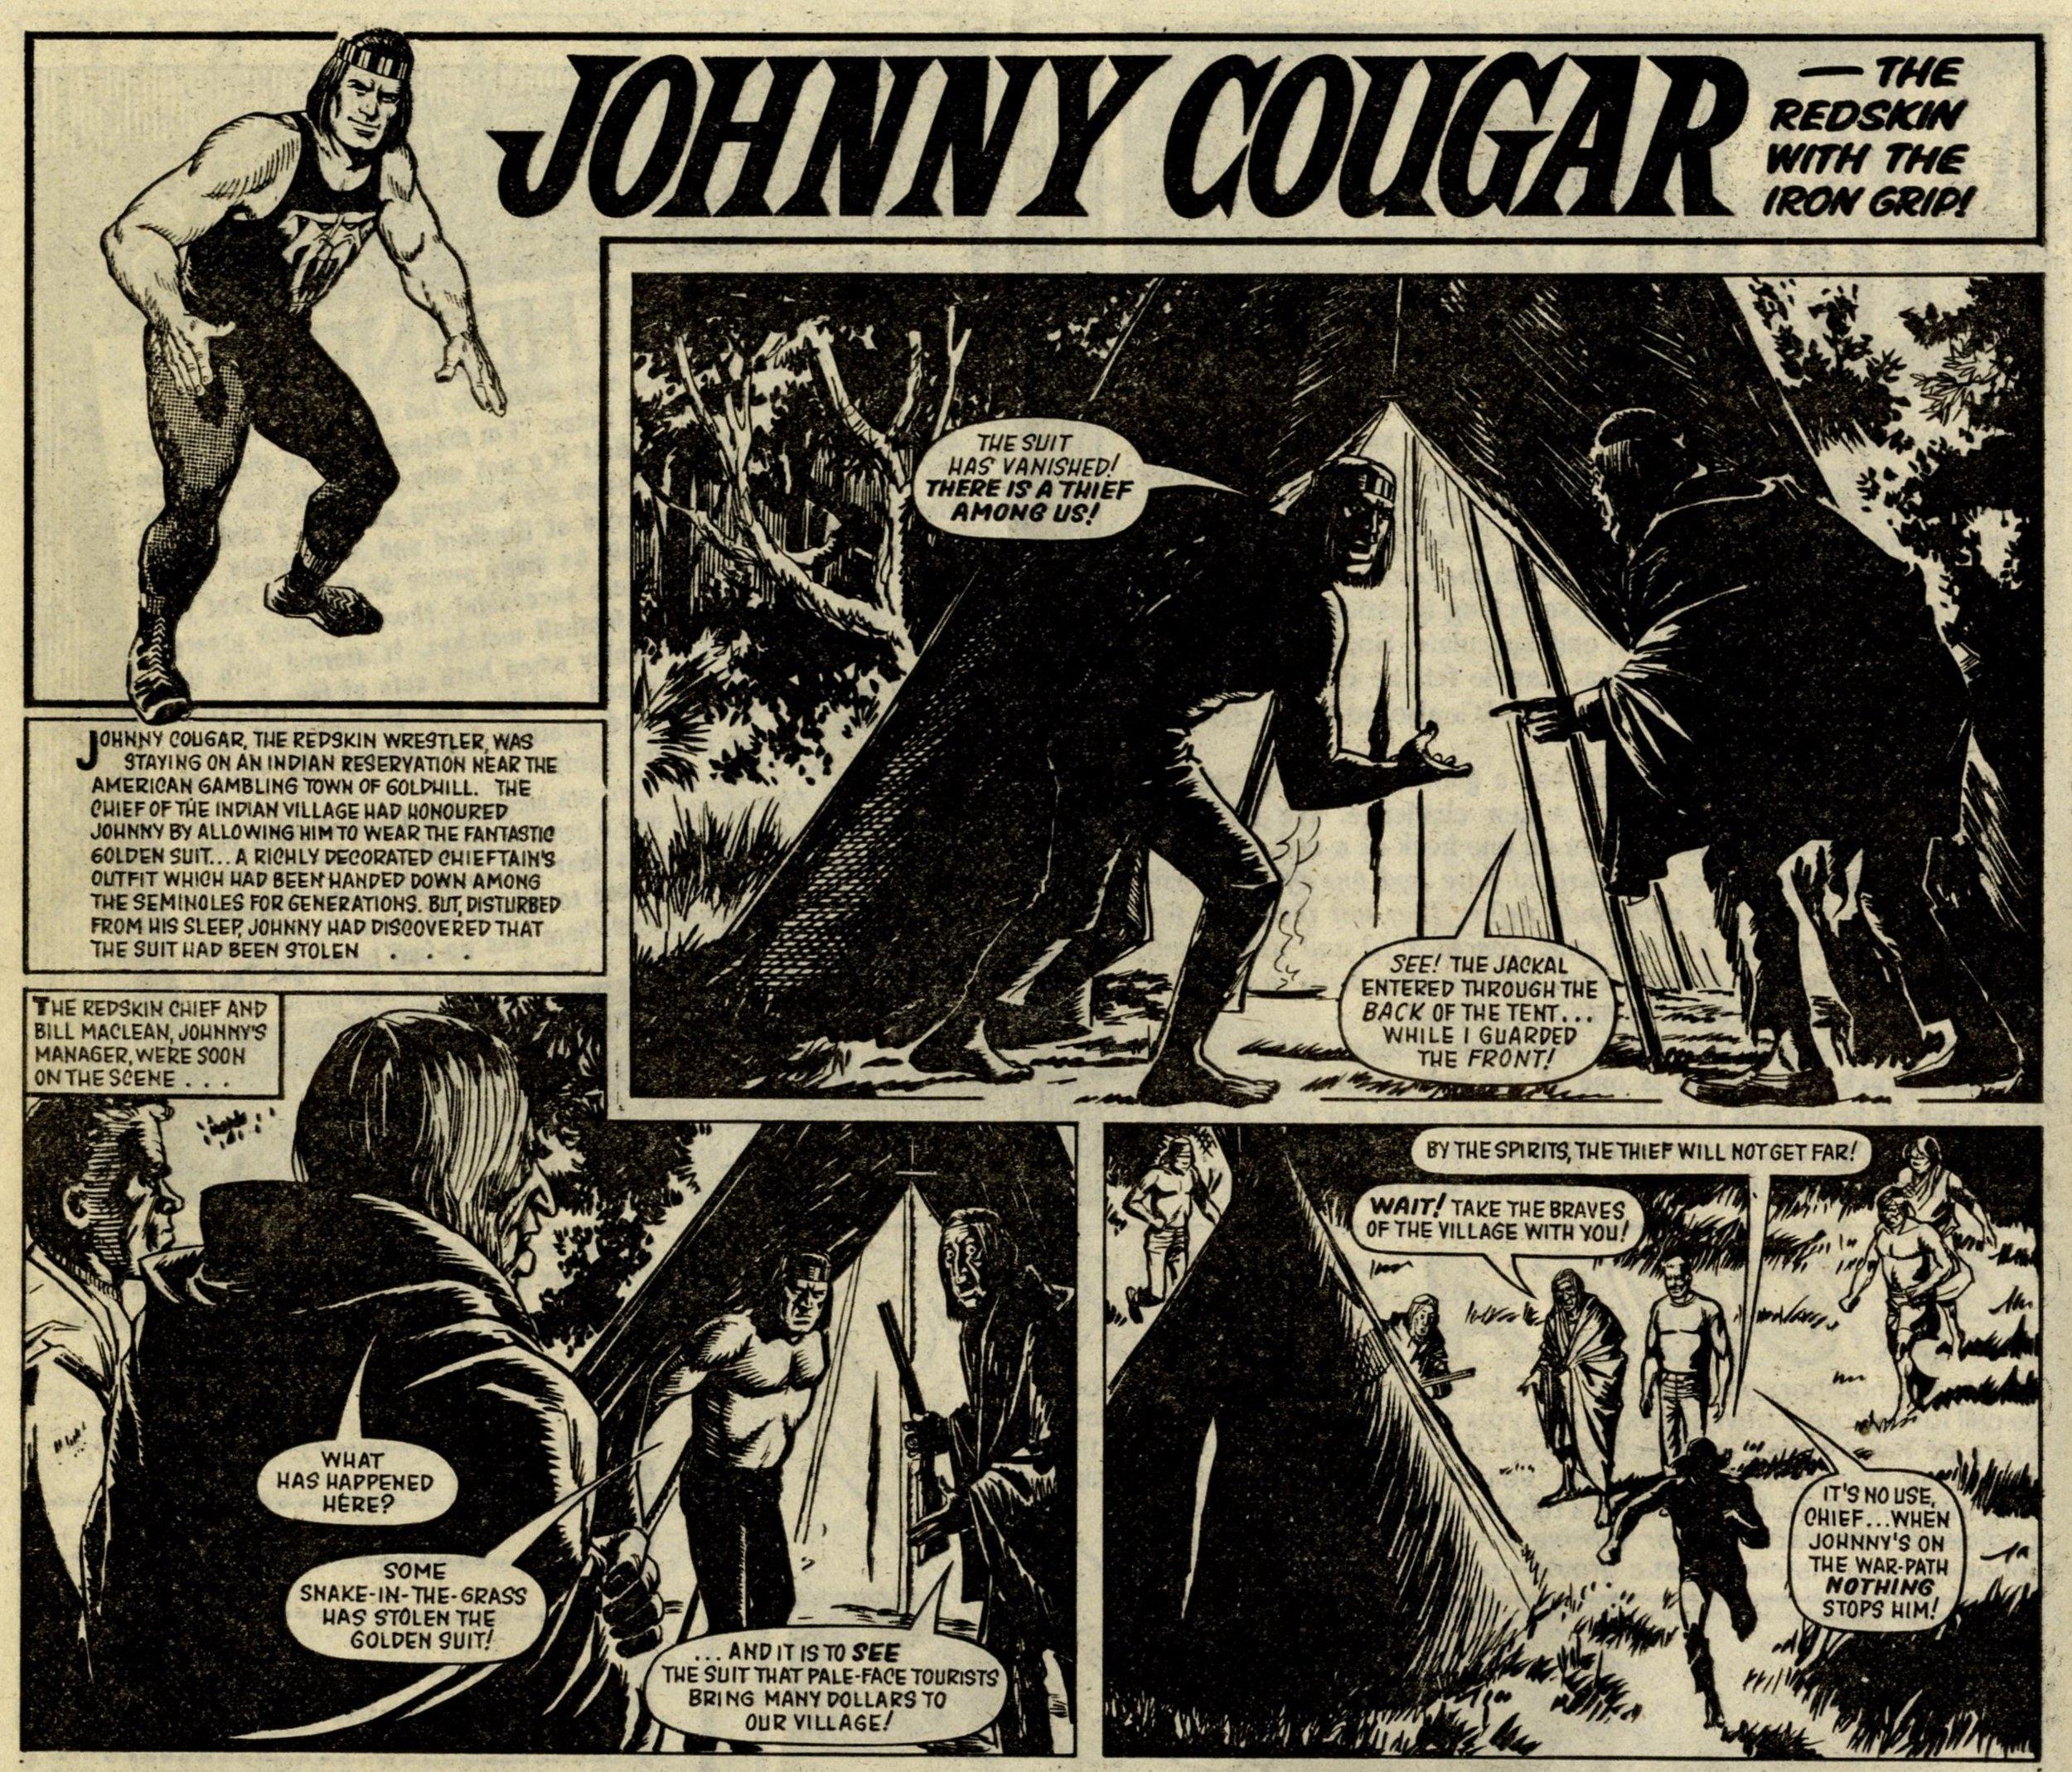 Johnny Cougar, reprinted from Tiger: Barrie Tomlinson (writer), John Gillatt (artist)